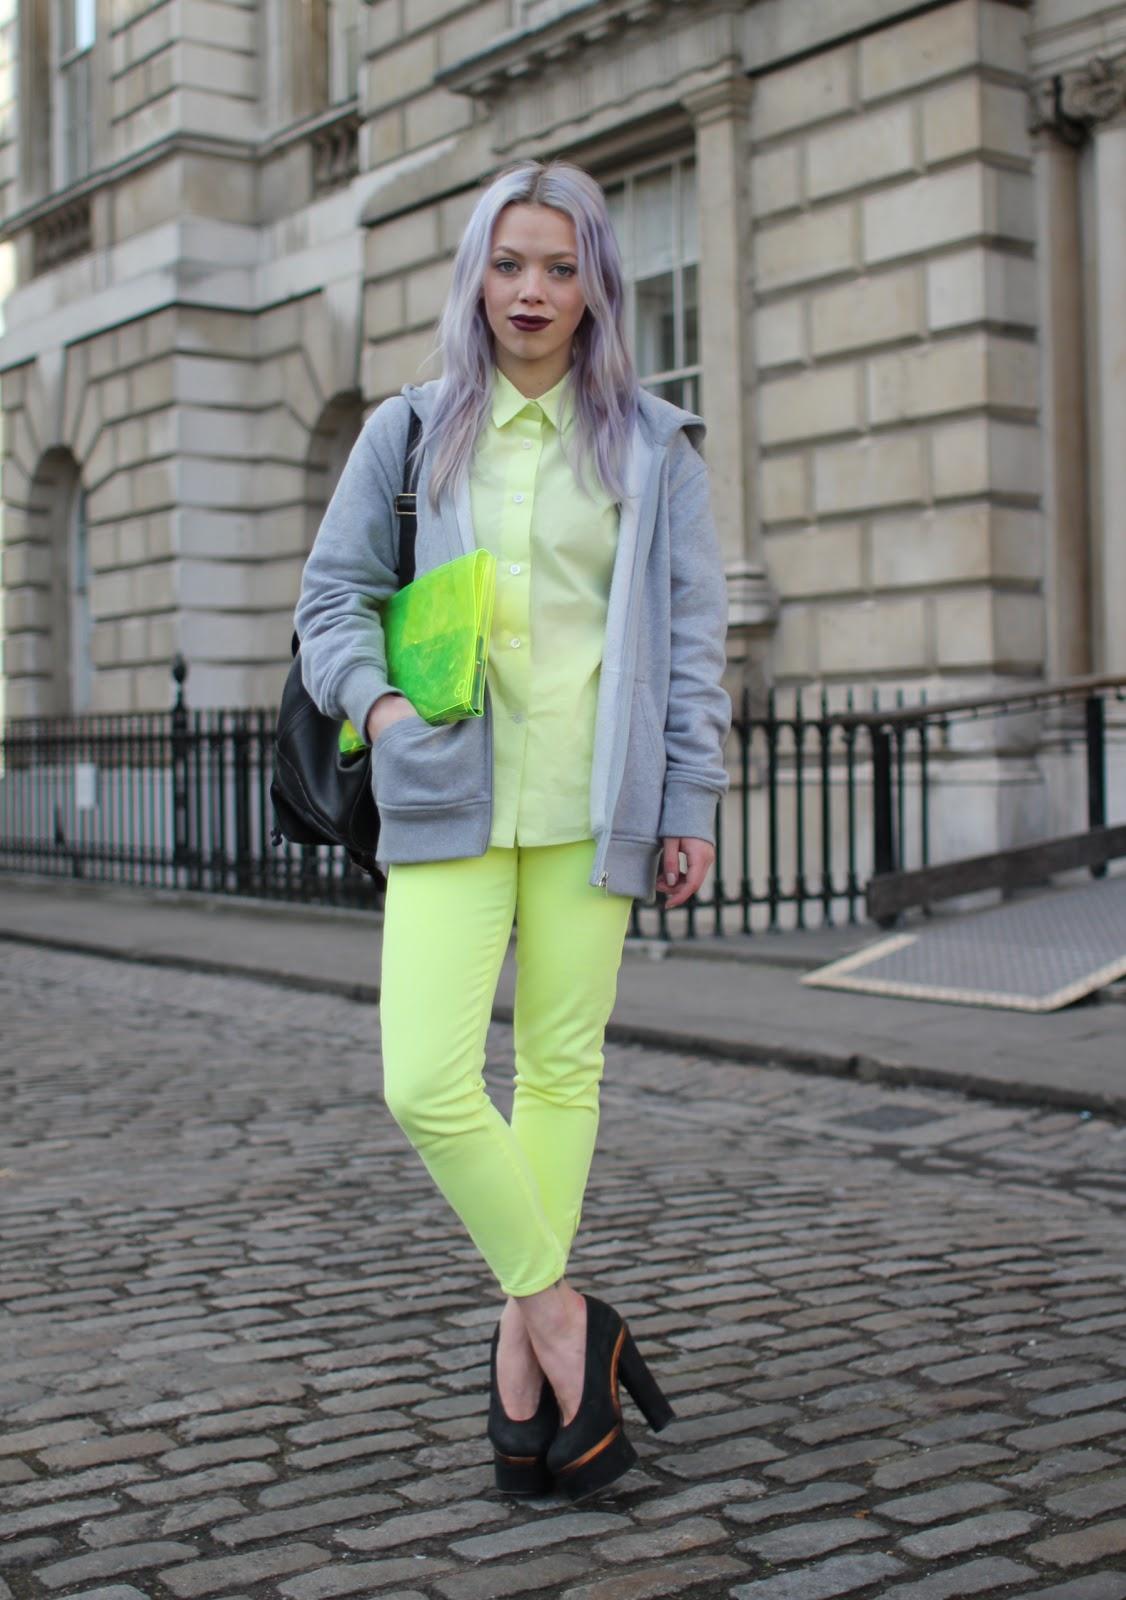 Styleeast London Fashion Week Street Style Aesthetics